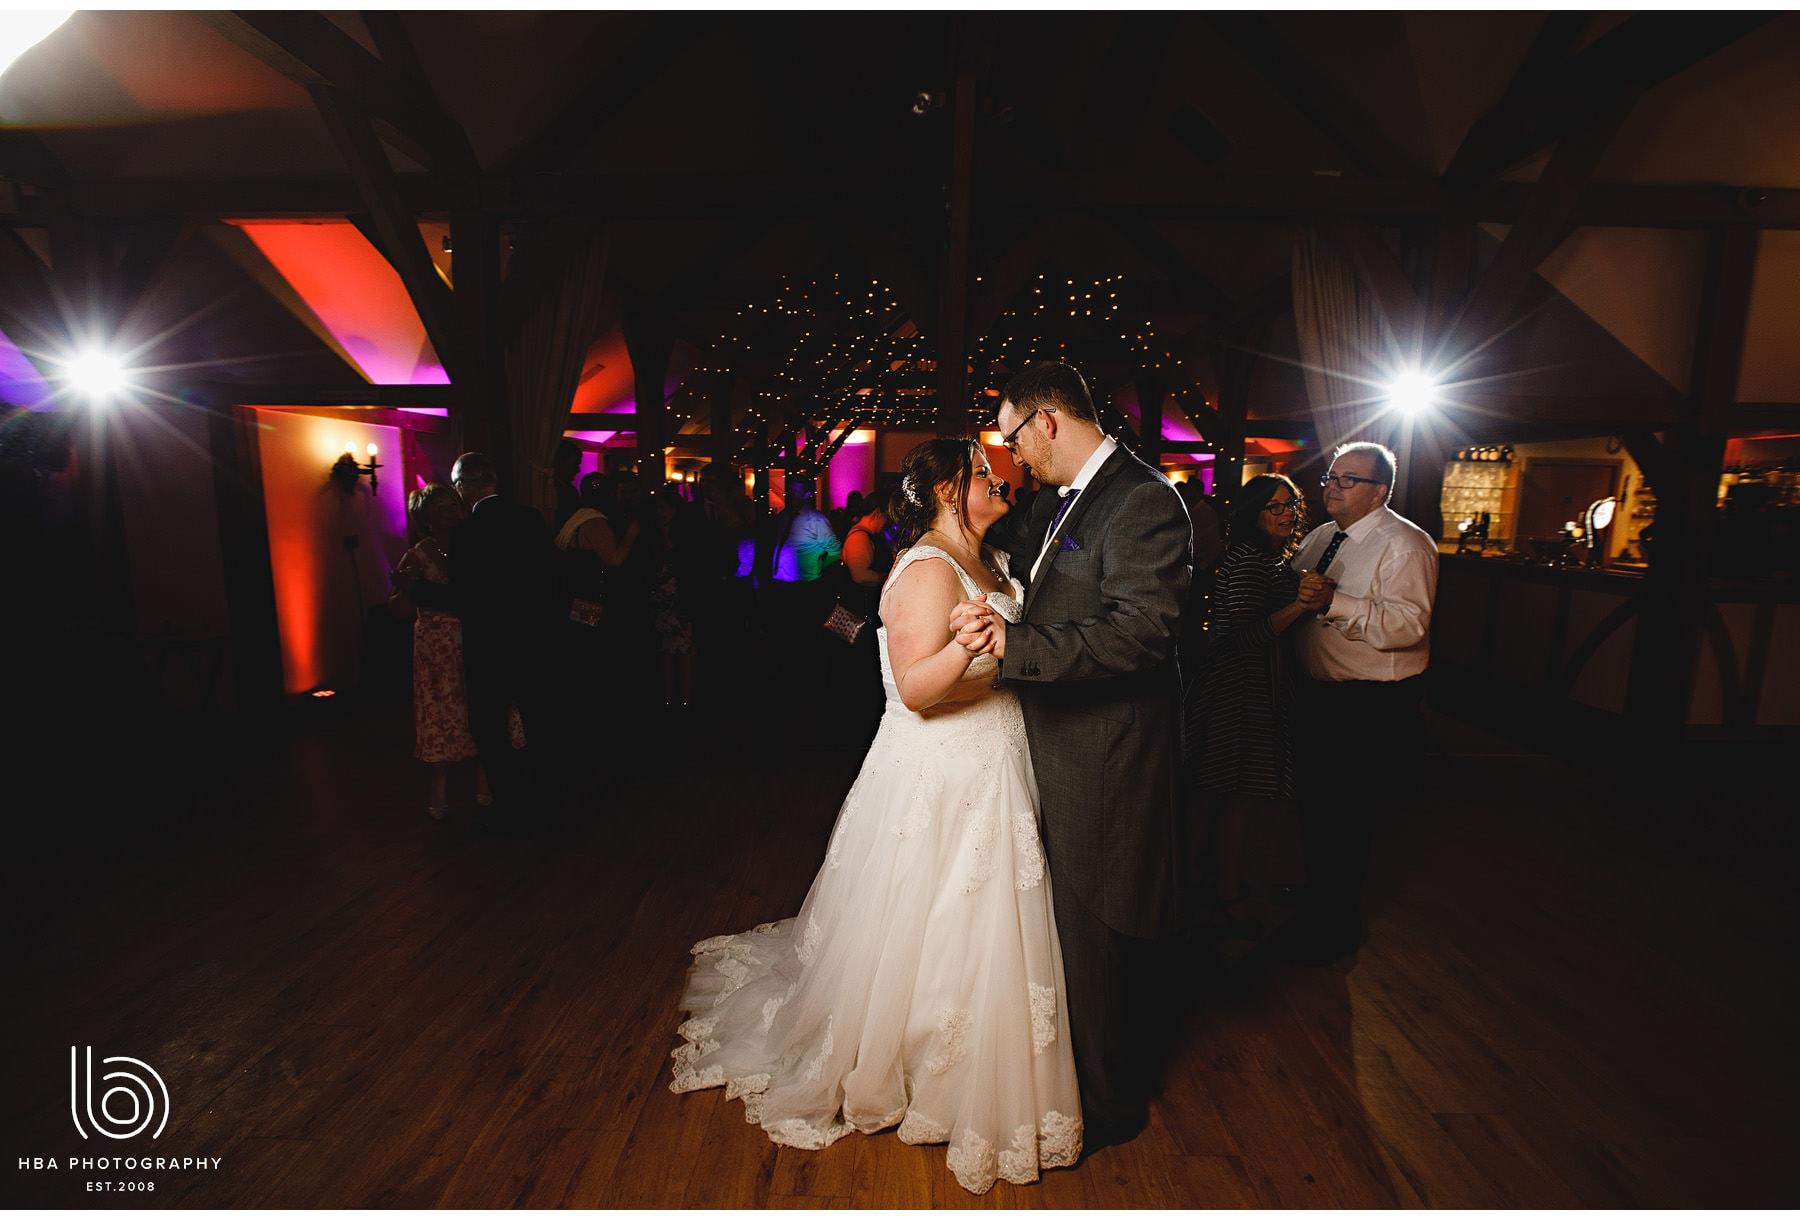 the bride & groom's dance